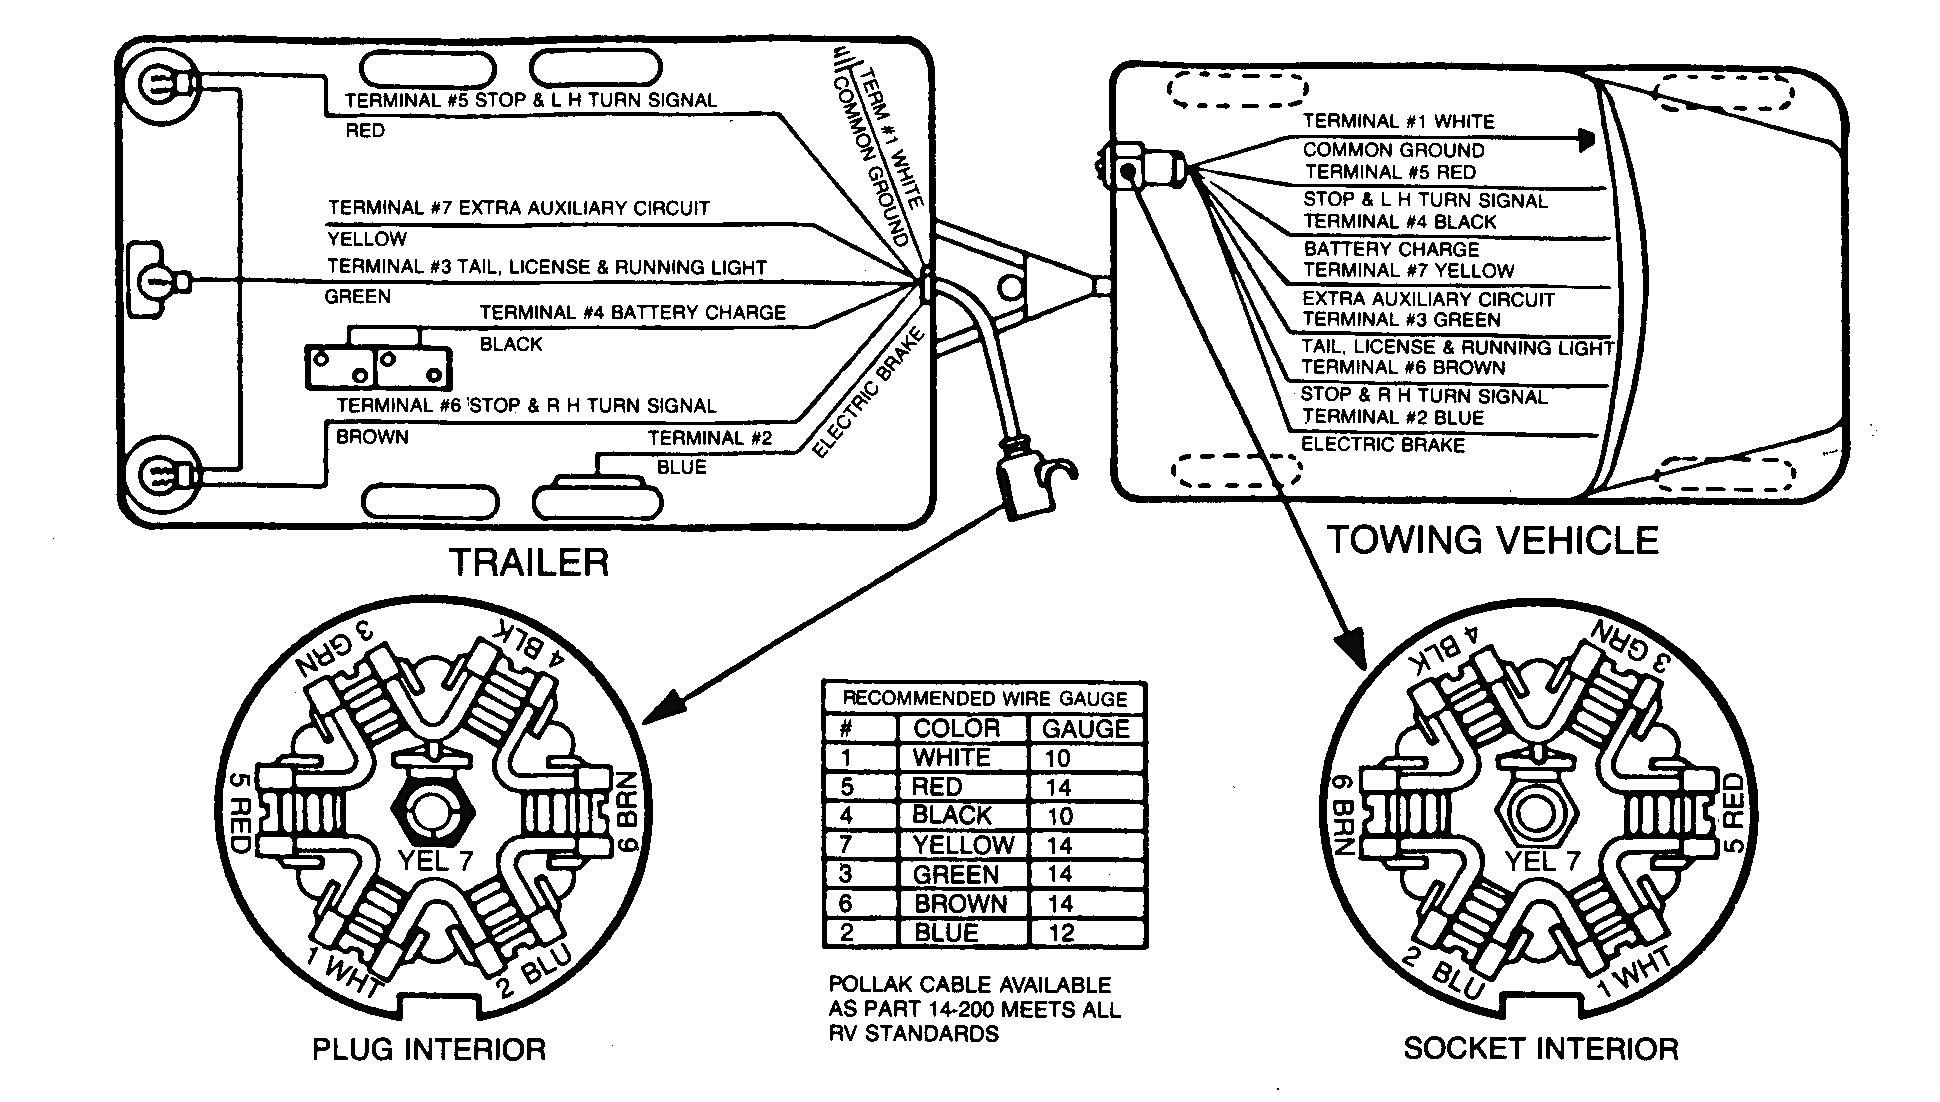 Wiring Diagram Big Tex Trailer Best Wiring Diagram Big Tex Trailer Cool Big Tex Trailer